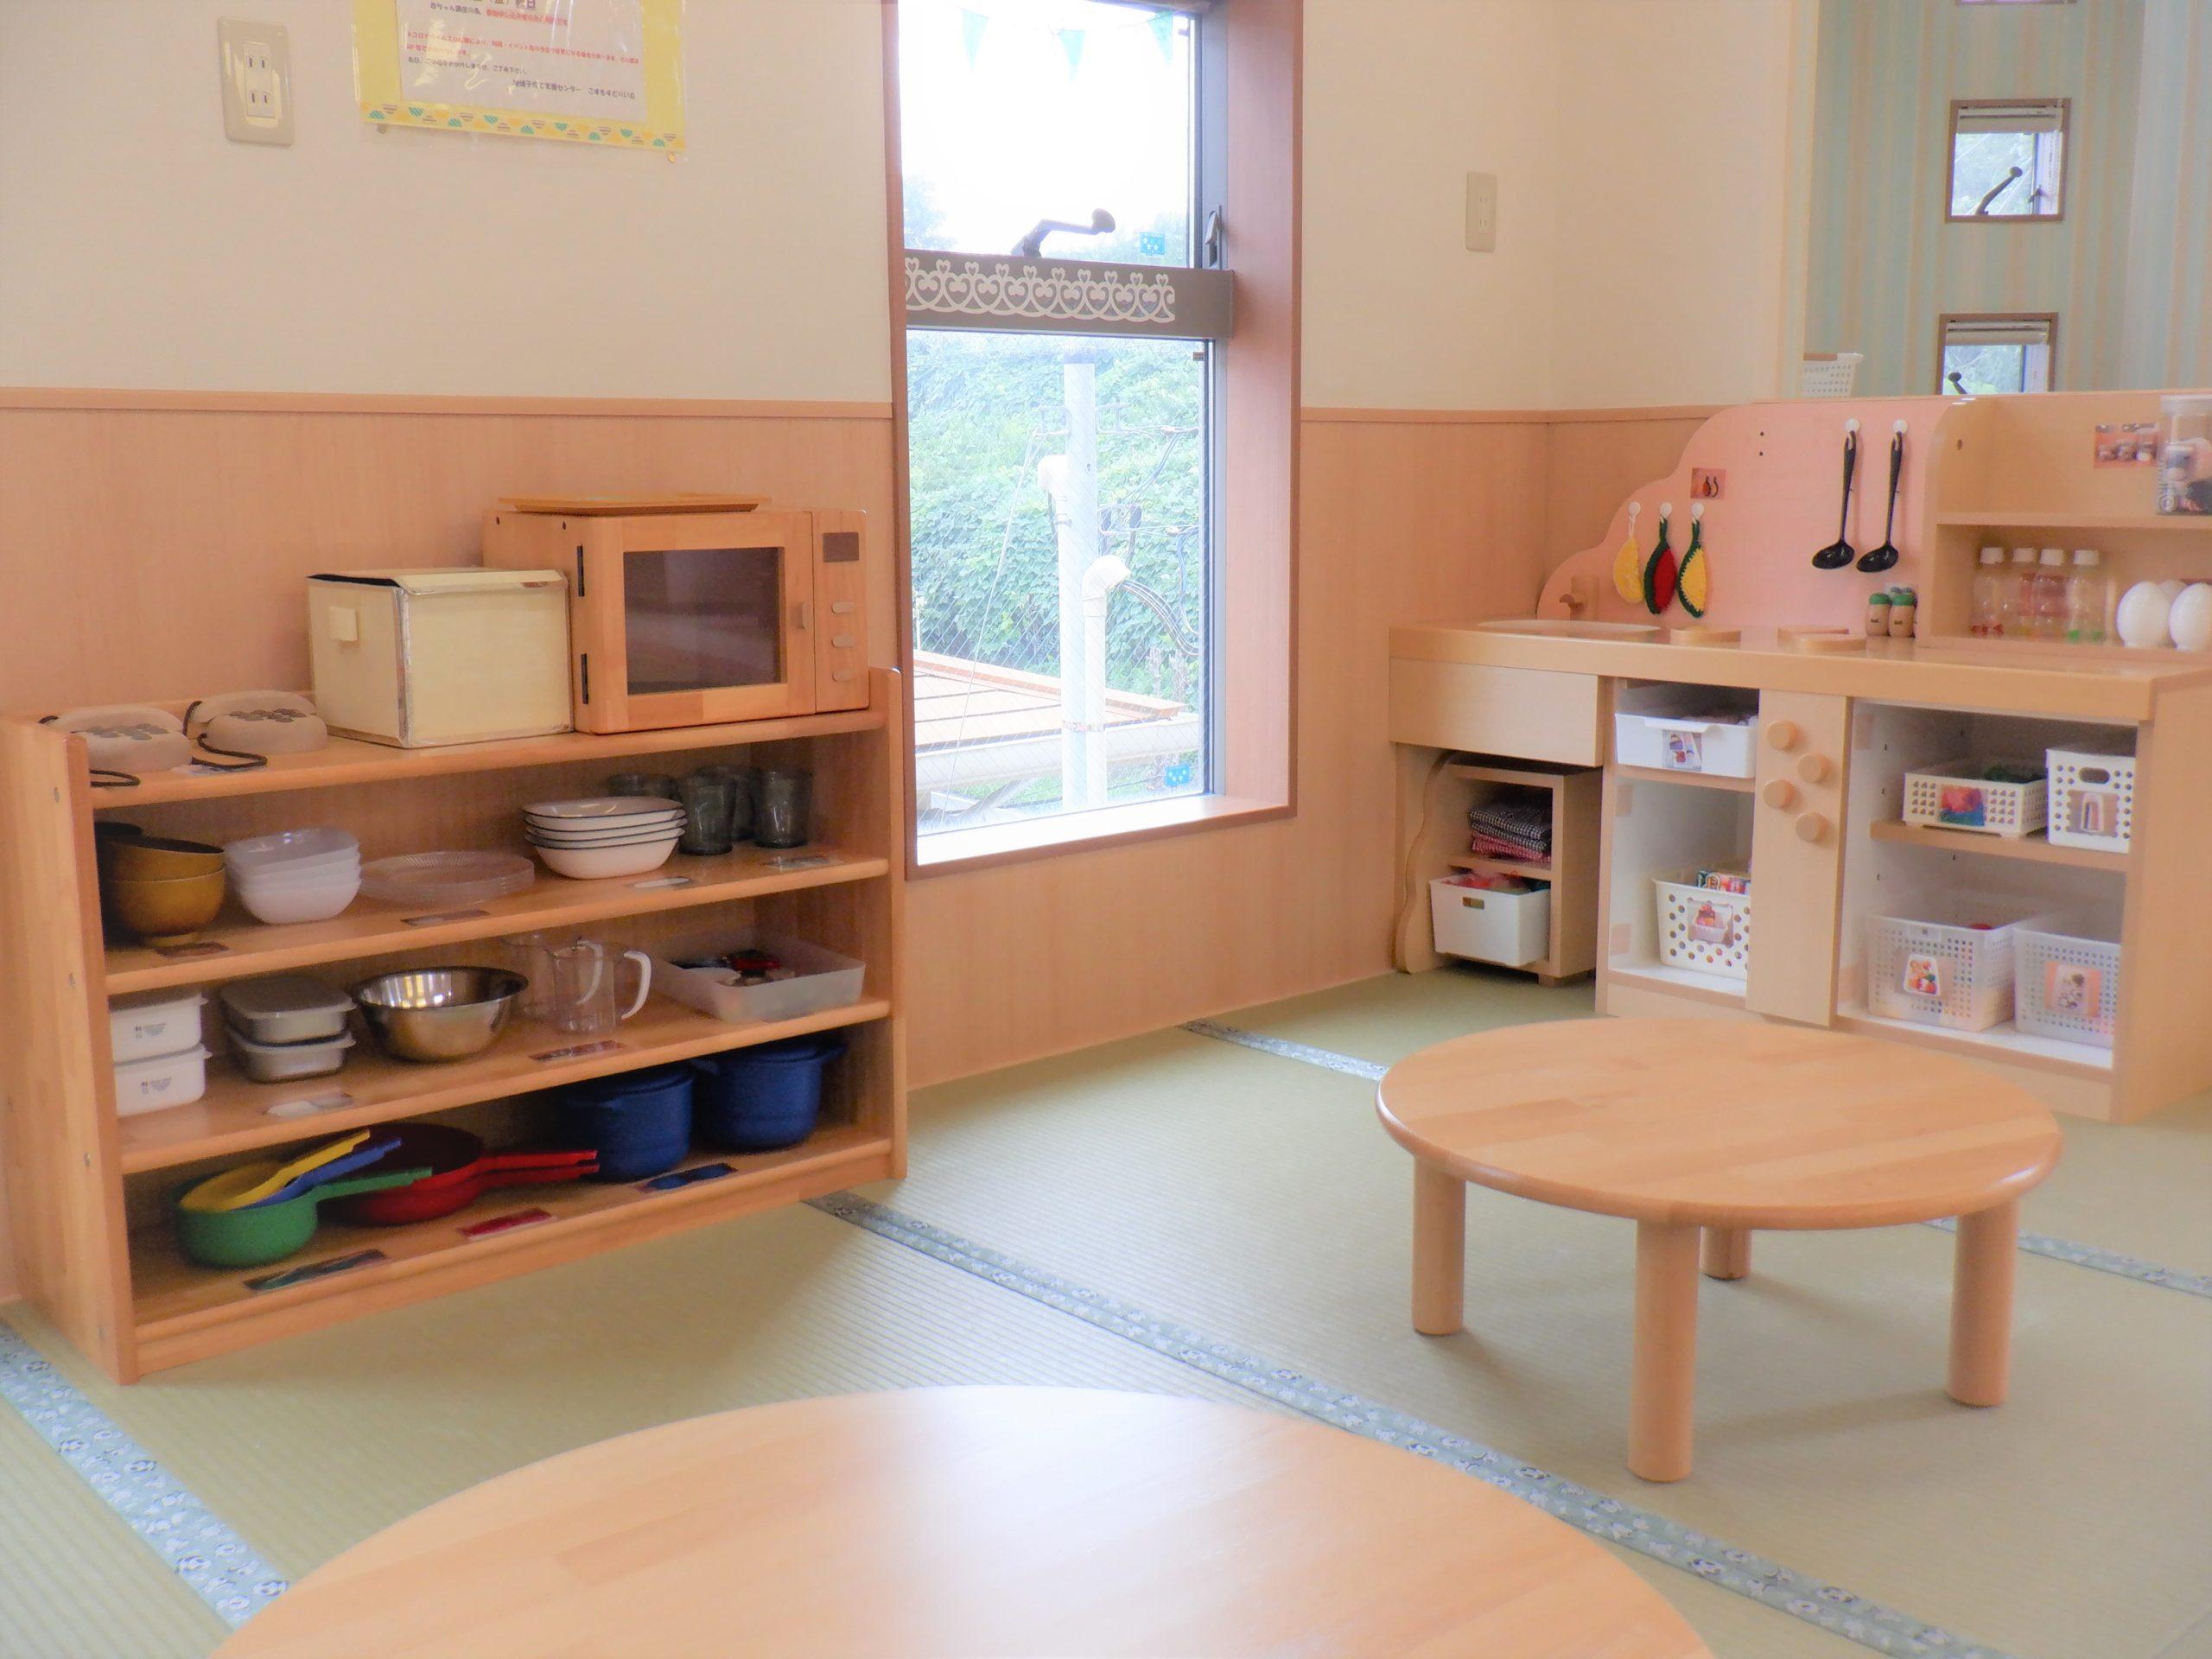 コスモス鐘木保育園地域子育て支援センターこすもすどりいむ